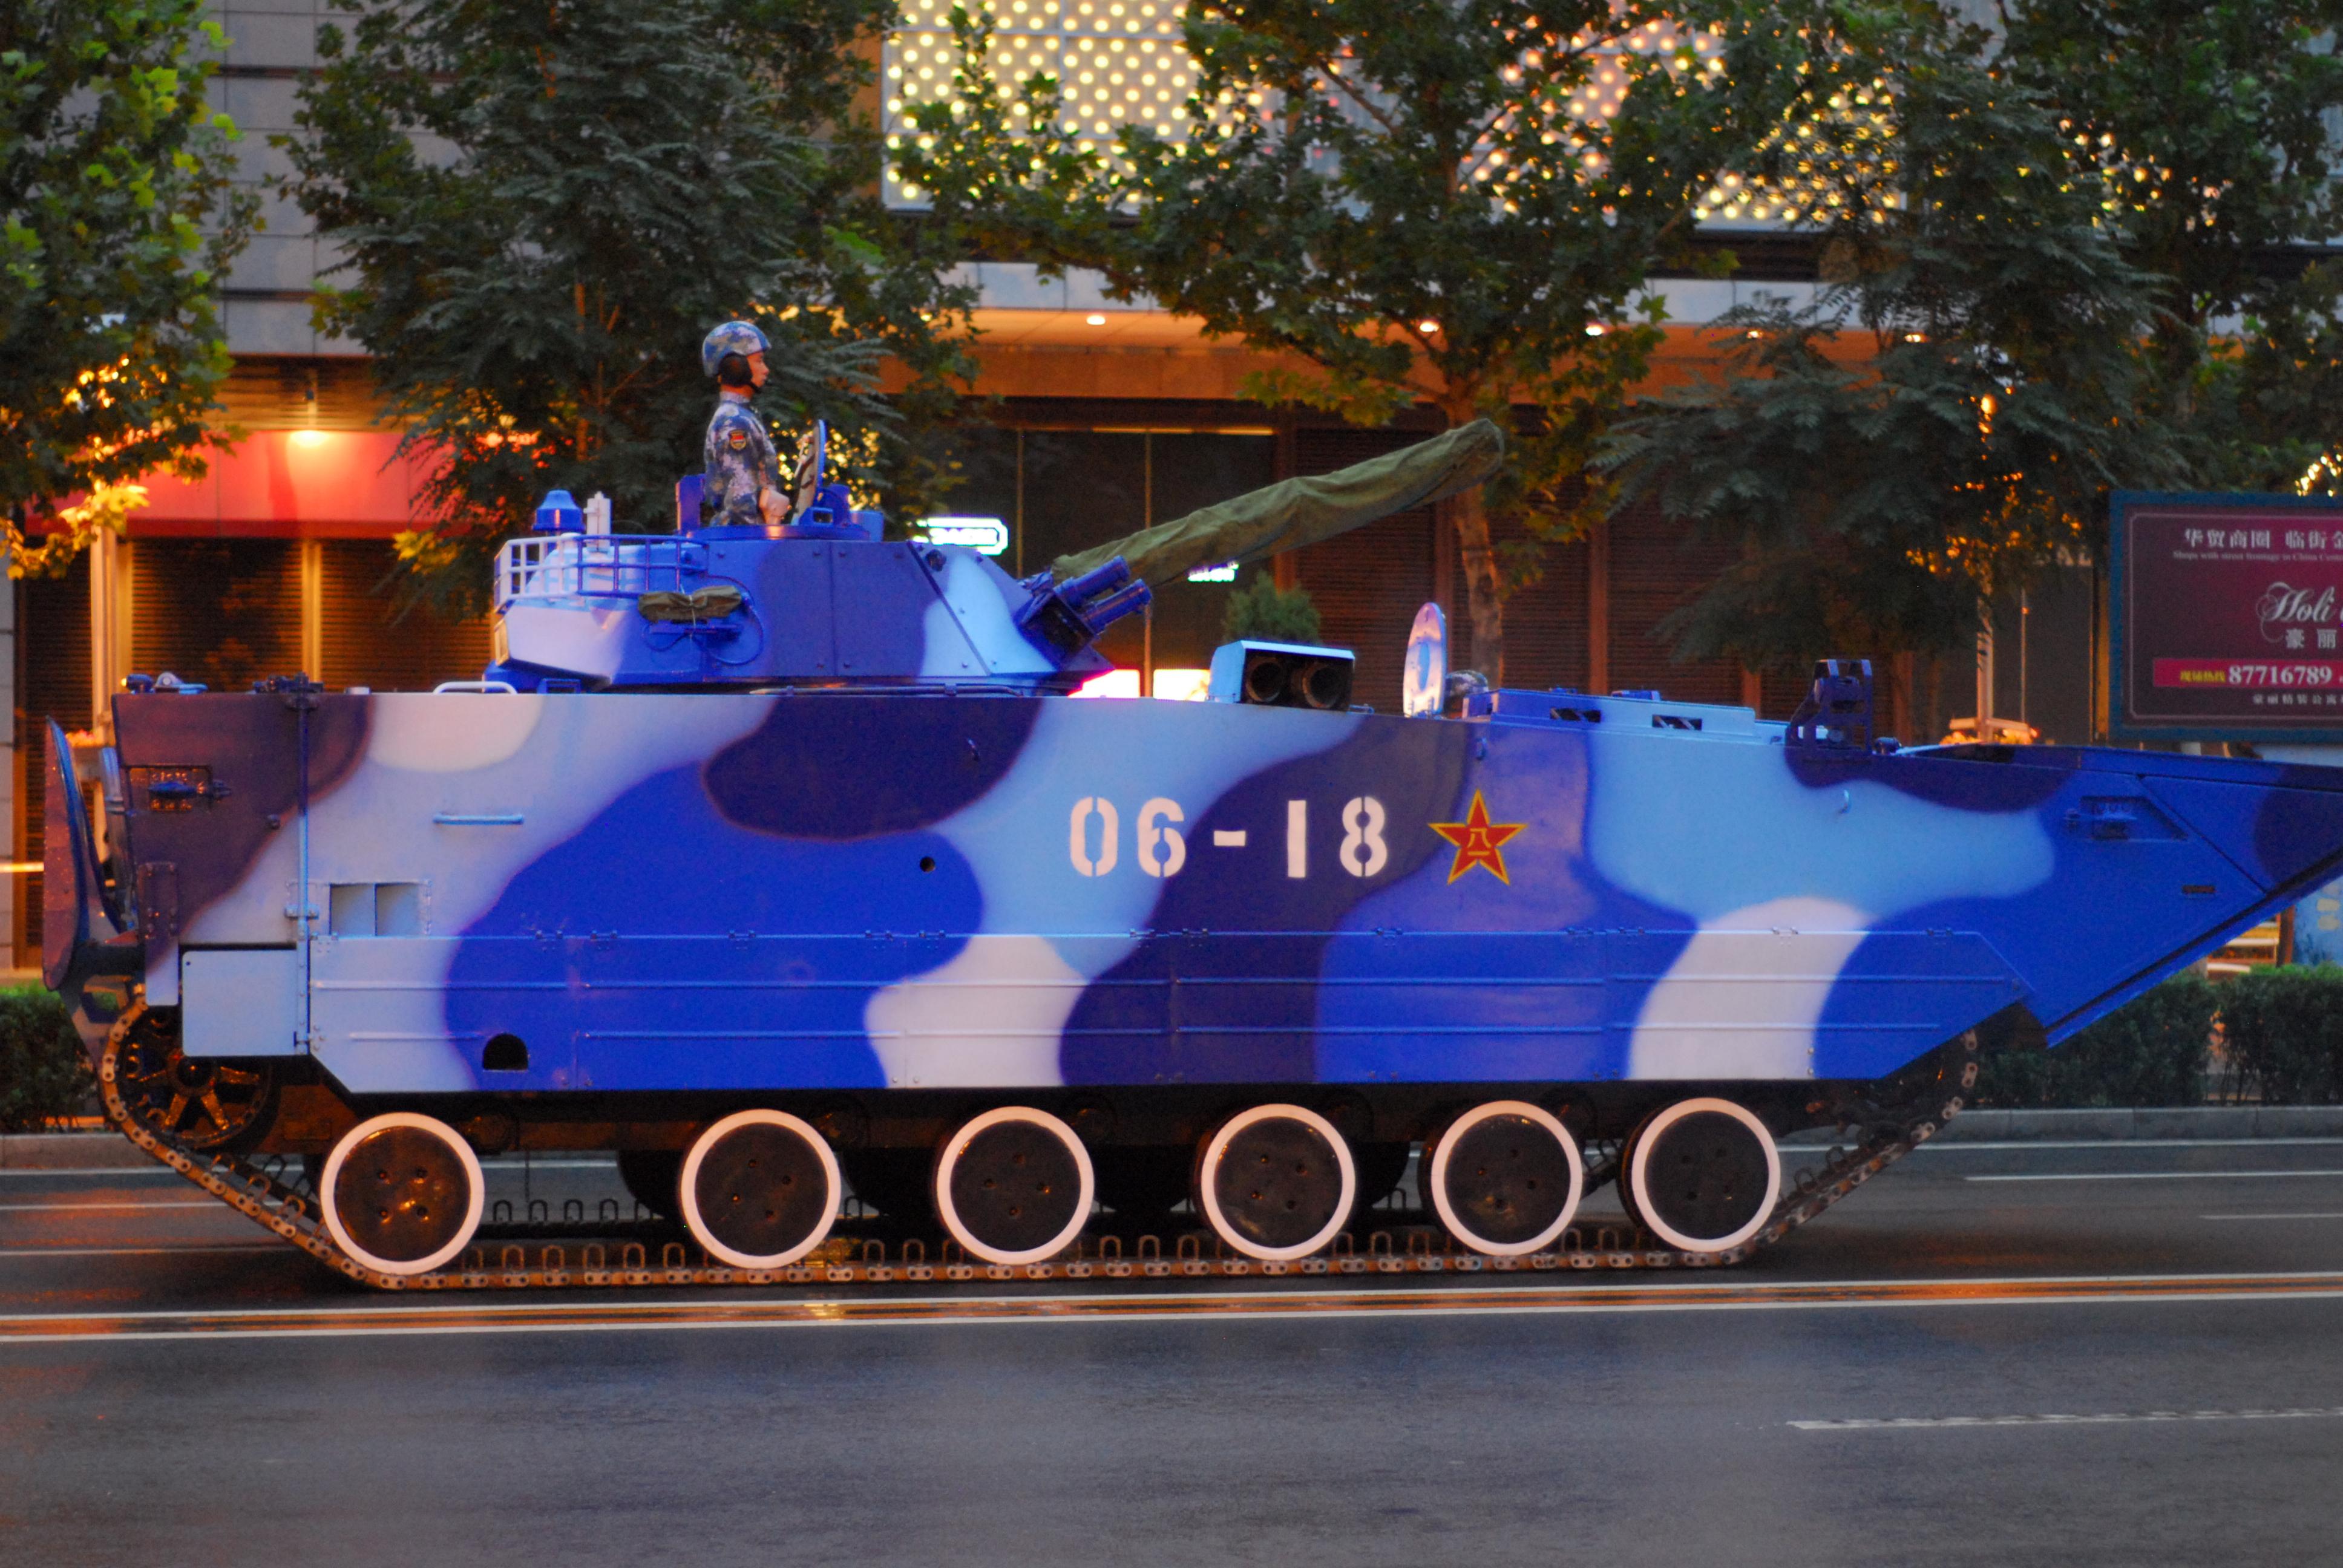 Type 05 amphibious fighting vehicle - Wikipedia